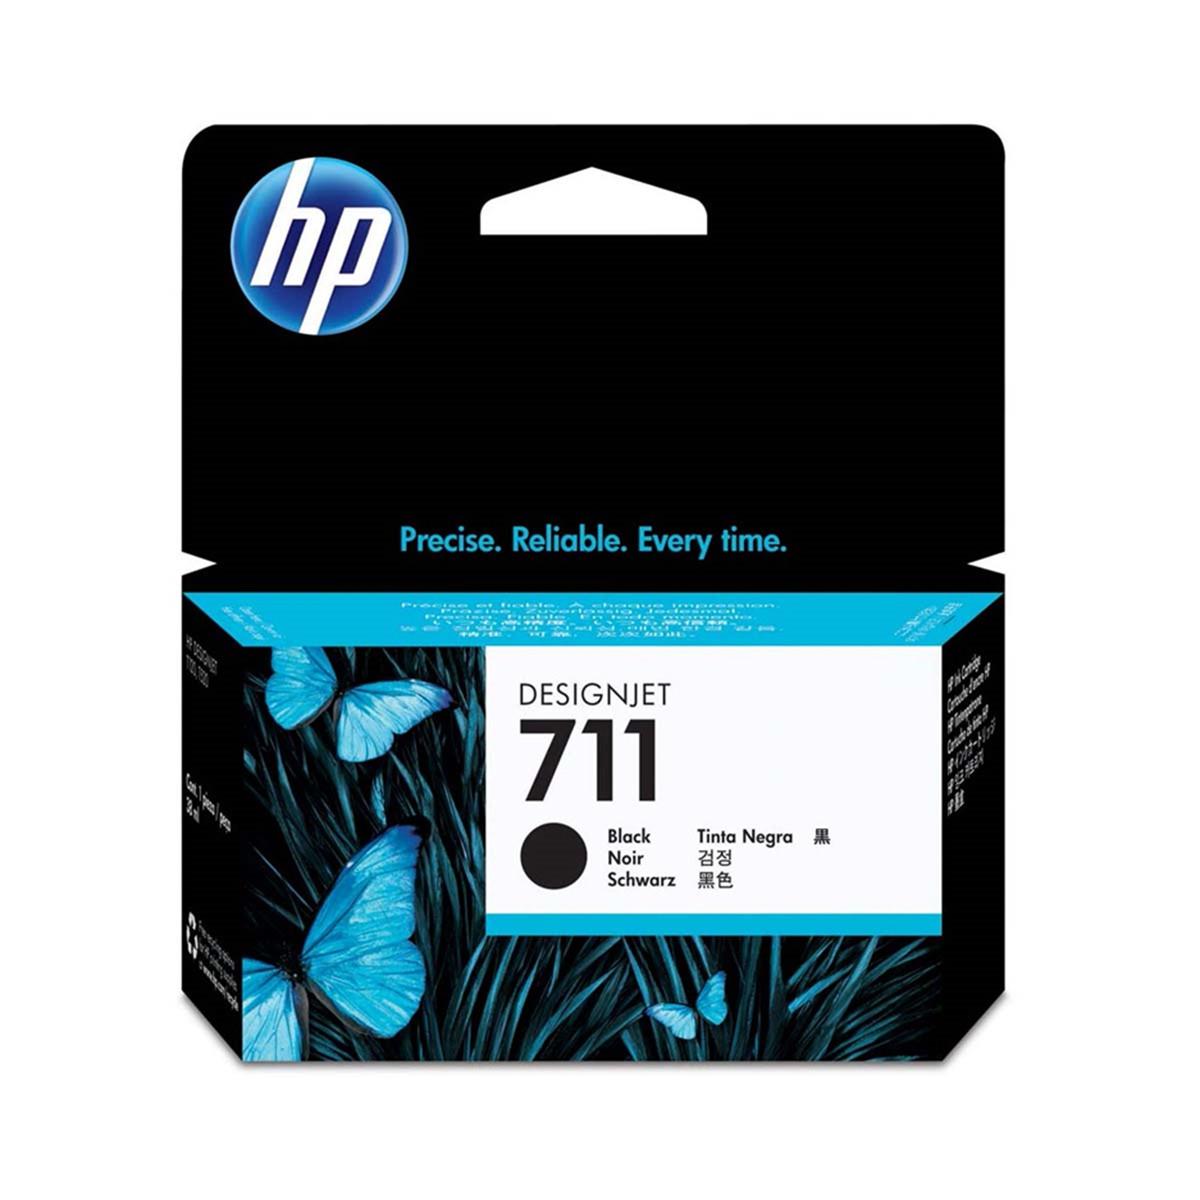 Cartucho de Tinta HP 711 Preto CZ129A | Plotter T120 T520 T130 CQ891A CQ890A CQ893A | Original 38ml